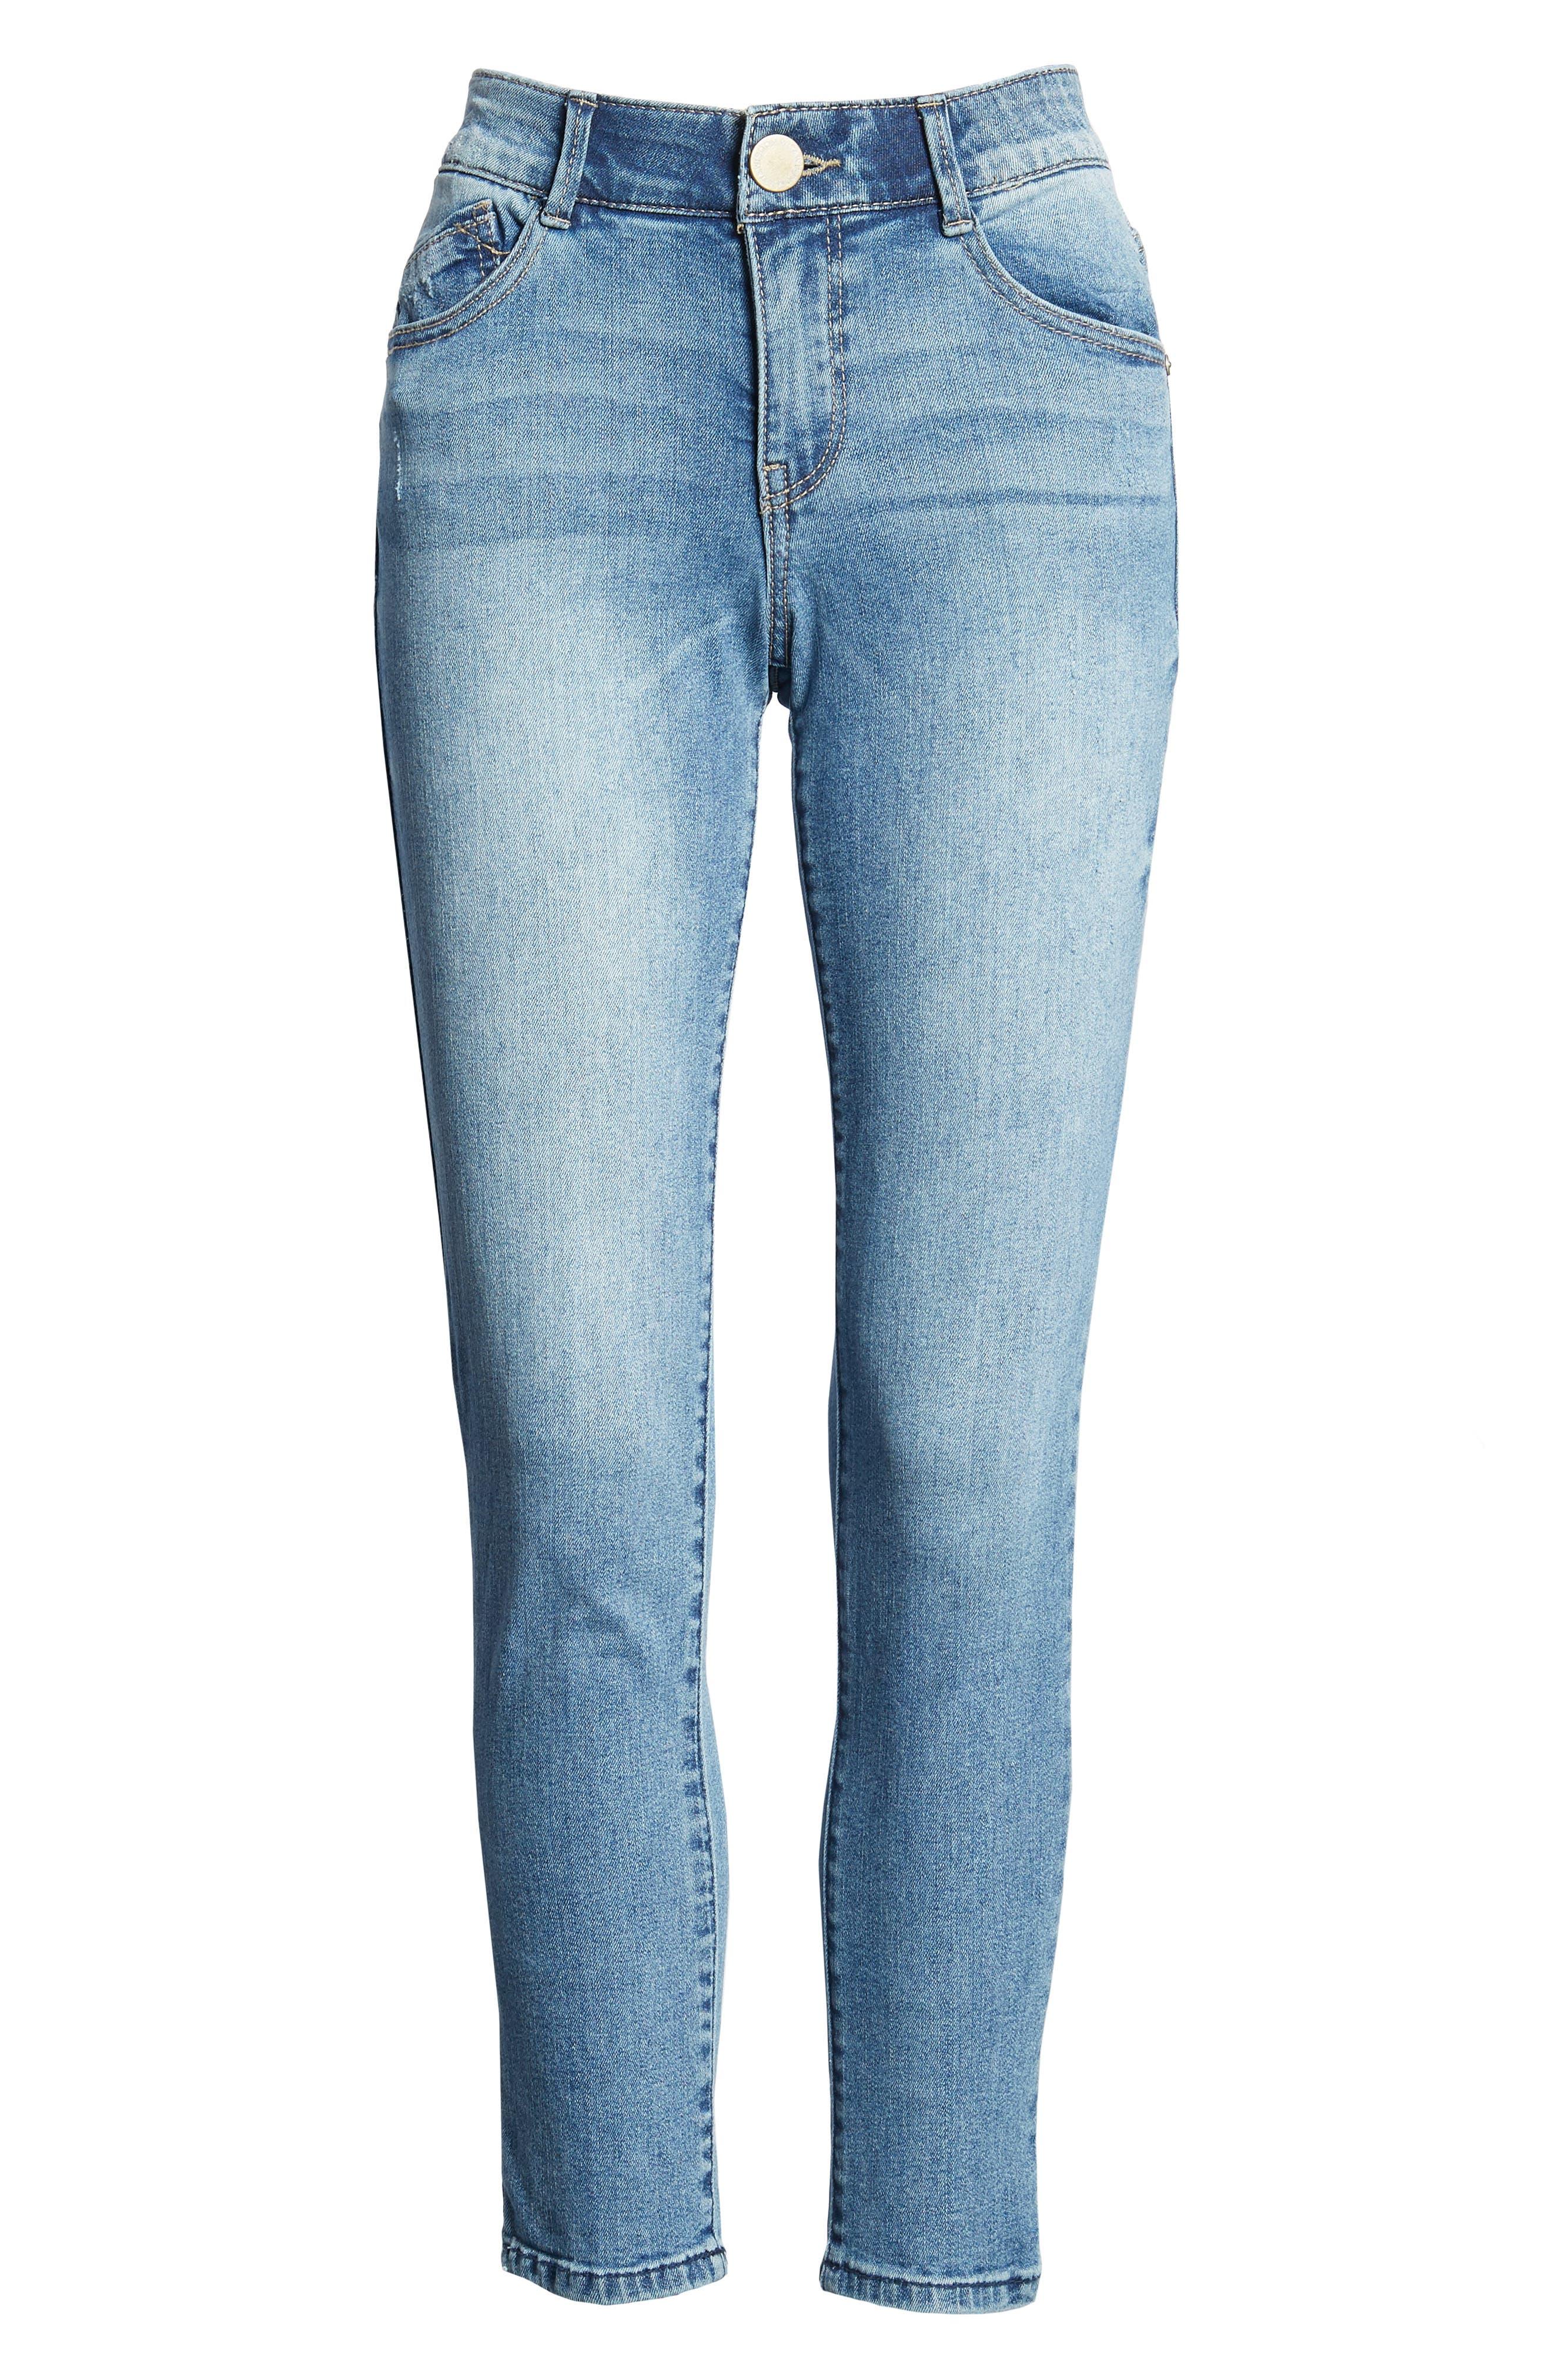 Ab-solution Ankle Skimmer Skinny Jeans Regular & Petite,                             Alternate thumbnail 7, color,                             458